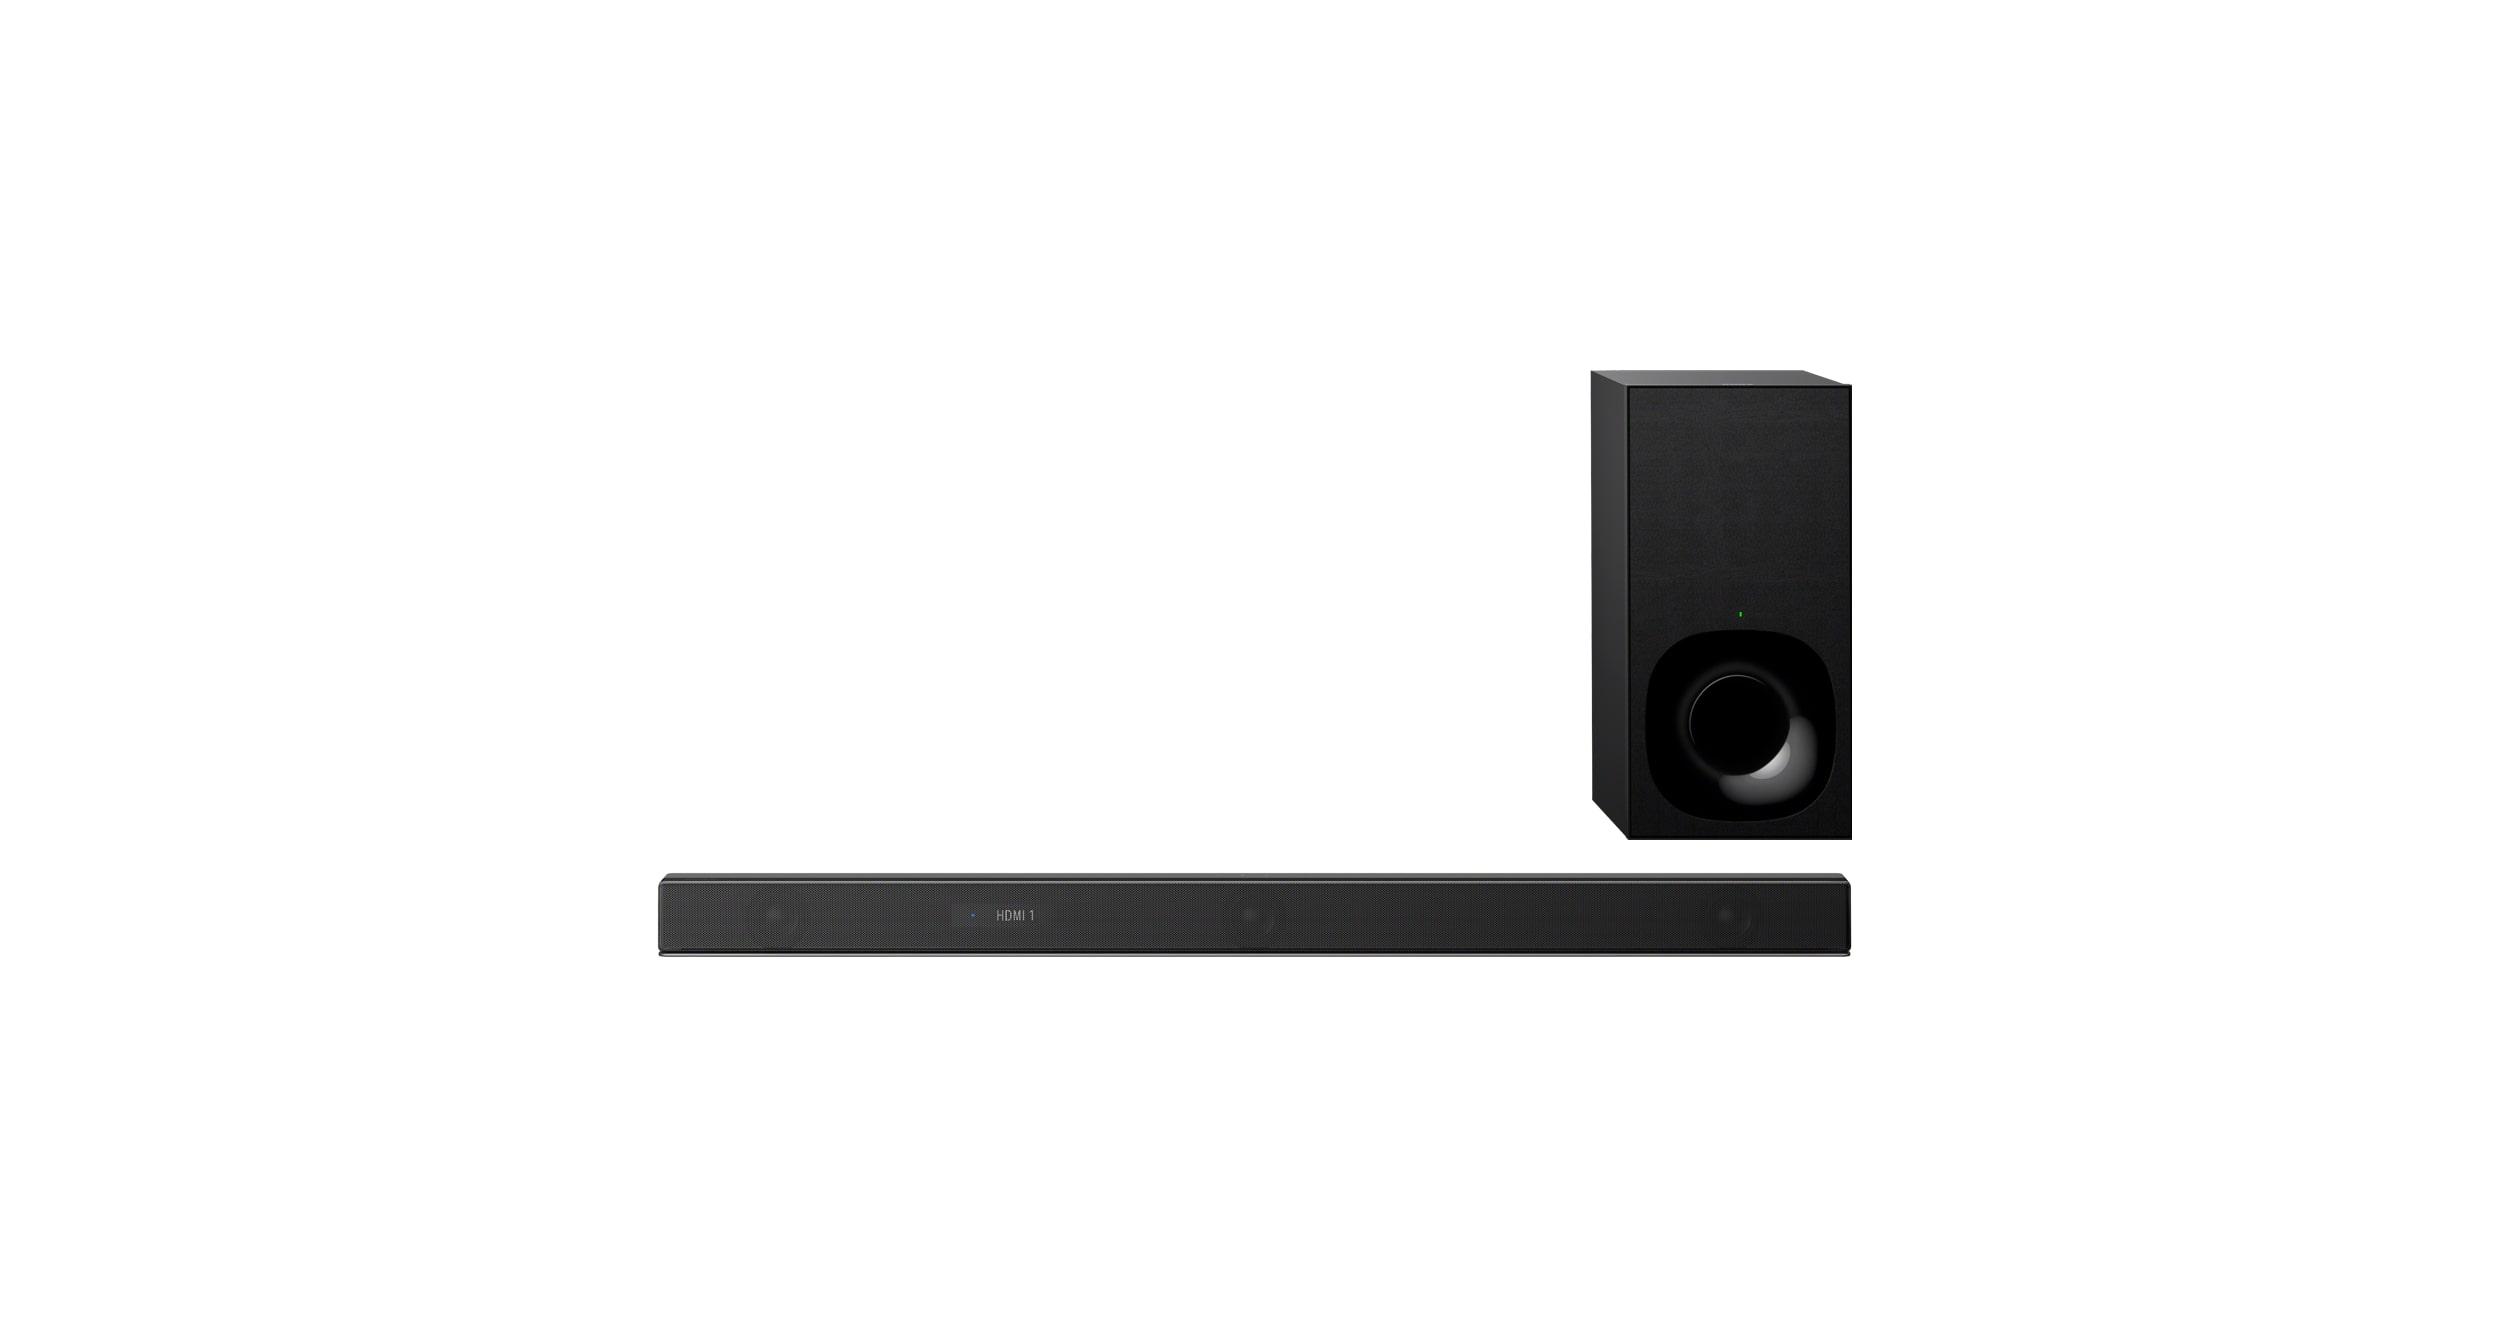 Sony 3 1ch Dolby Atmos® / DTS:X™ Soundbar with Wi-Fi/Bluetooth® technology  | HT-Z9F